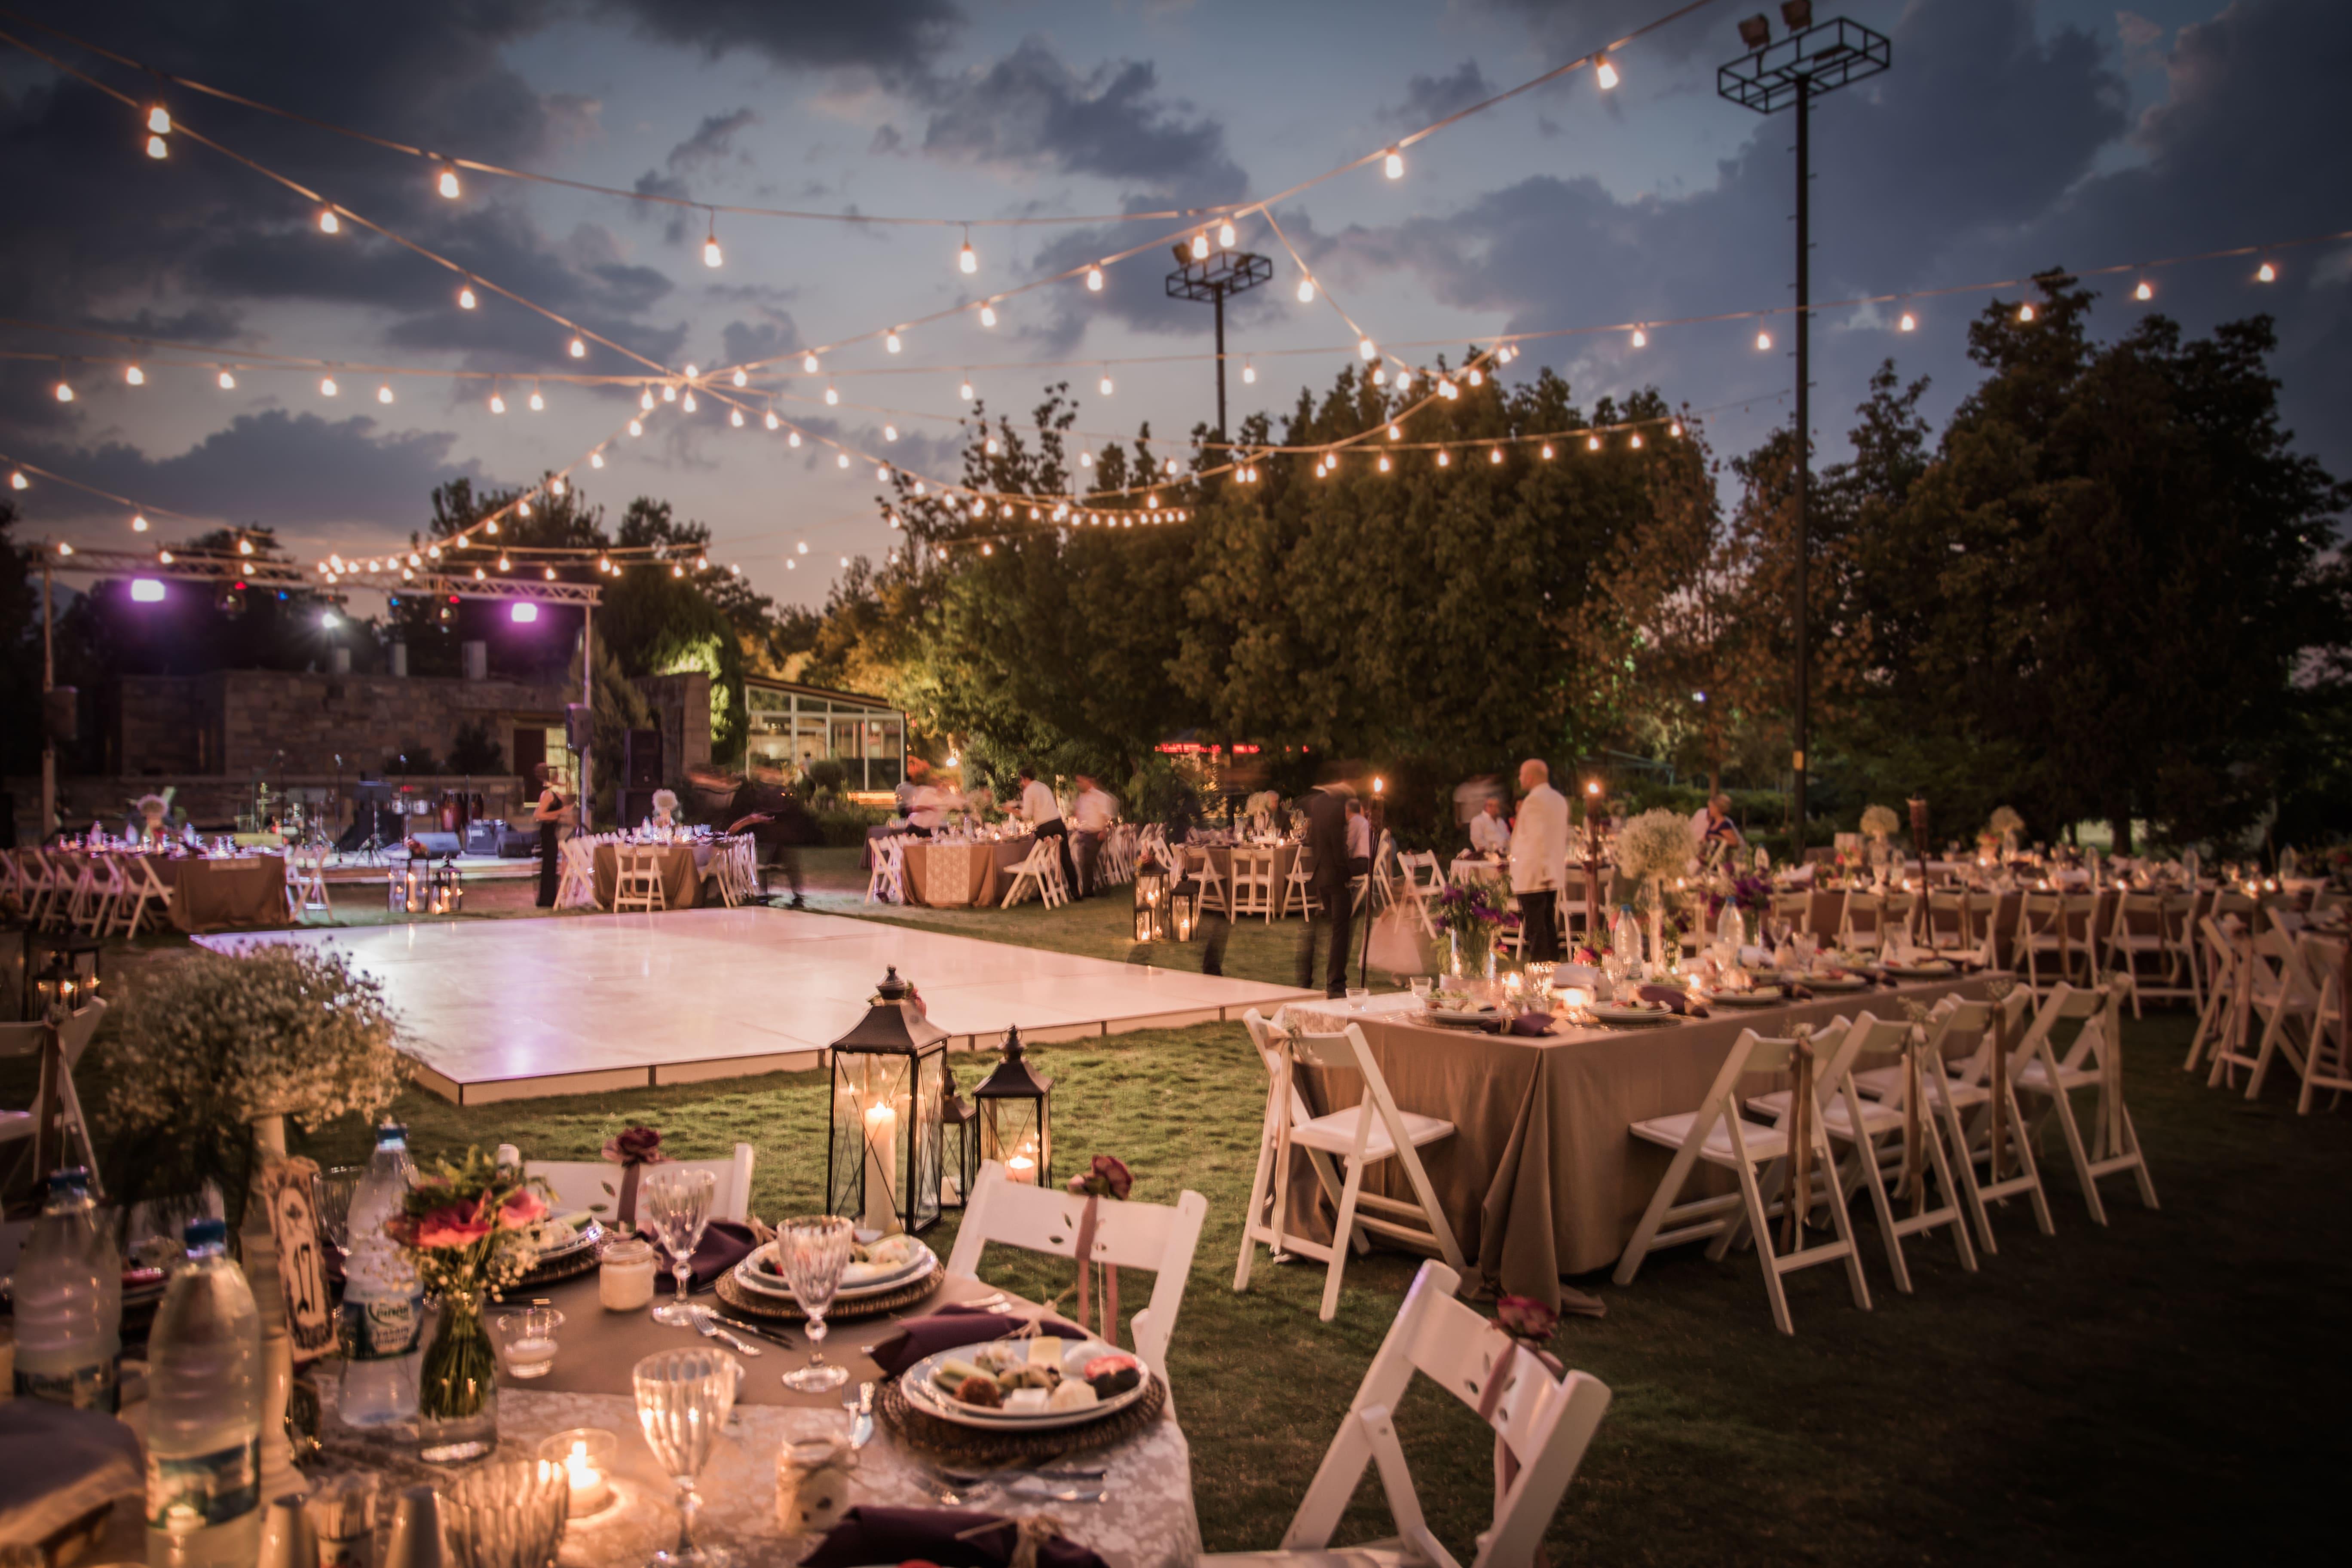 Imagem de um espaço decorado para uma festa de casamento para remeter ao empreendedor que deseja montar um serviço de cerimonial